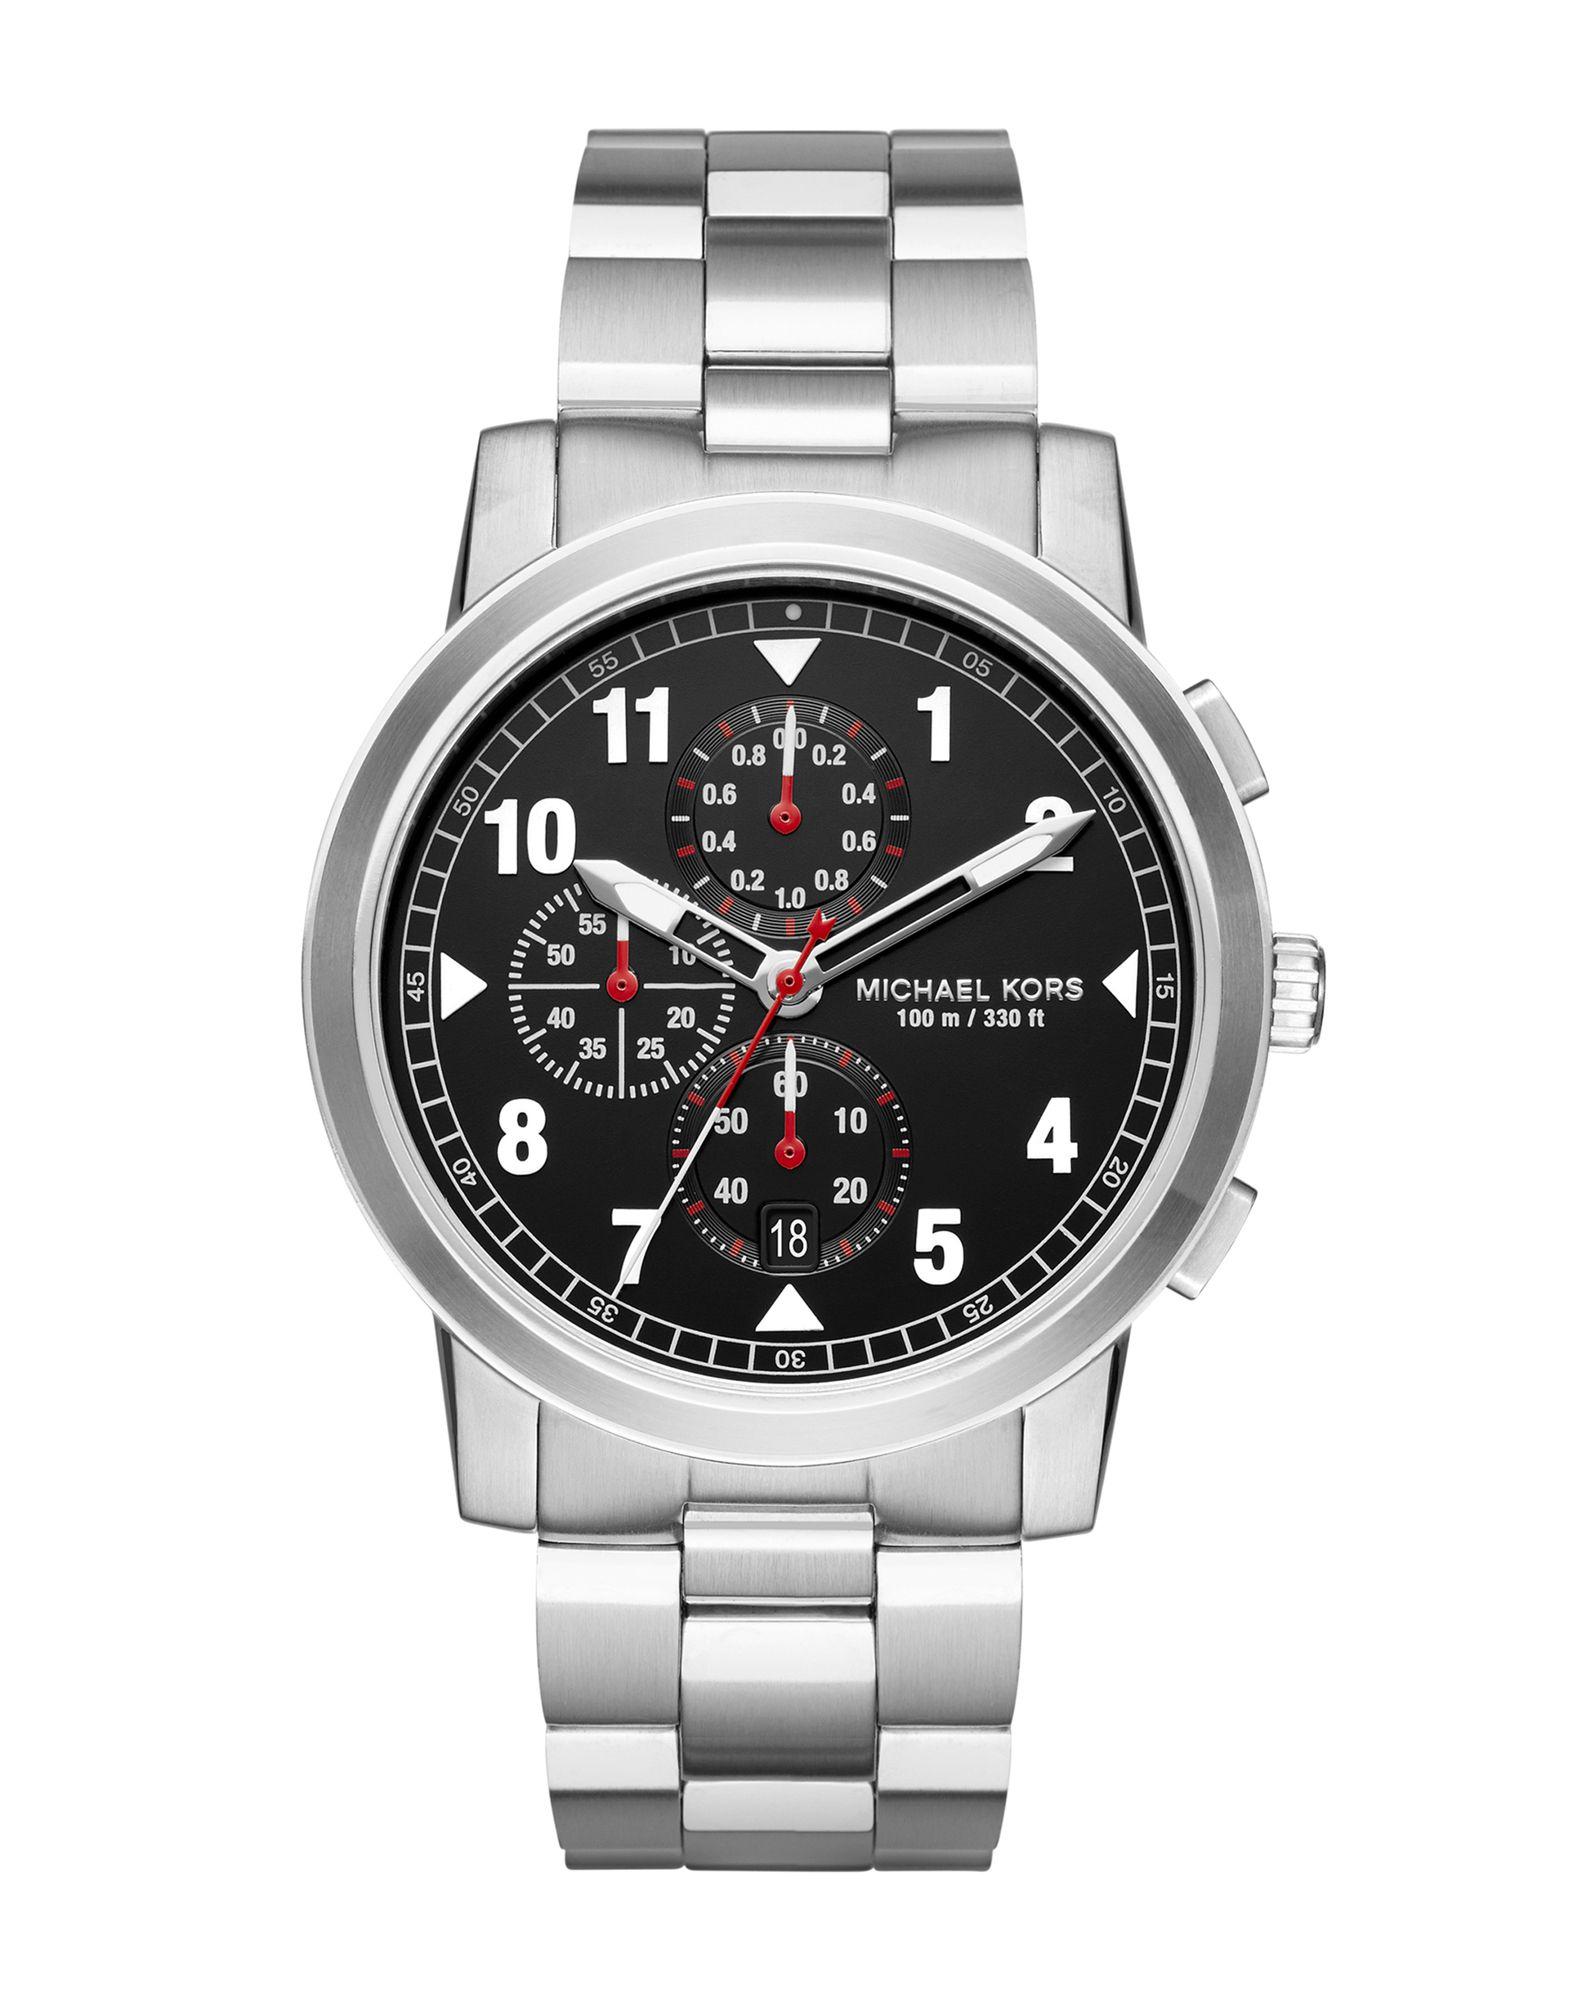 《送料無料》MICHAEL KORS メンズ 腕時計 シルバー ステンレススチール PAXTON UPDATE